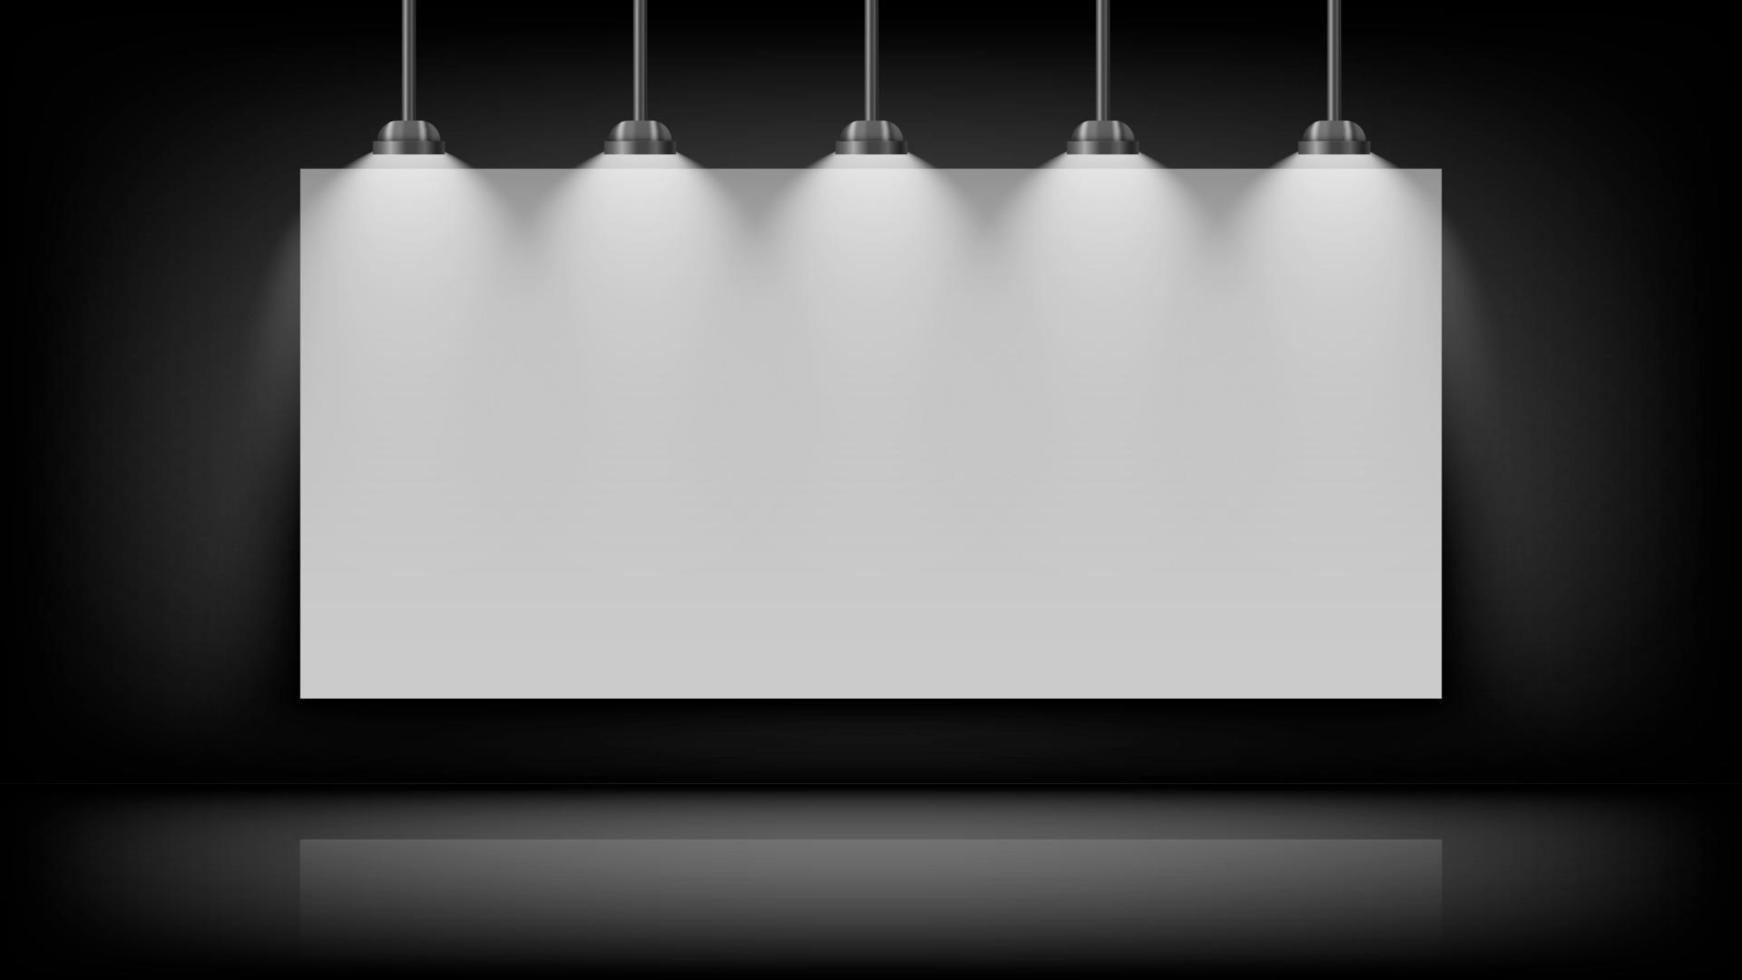 leeg wit bord mockup op zwarte muur met gloeilamp op de top, vectorillustratie vector